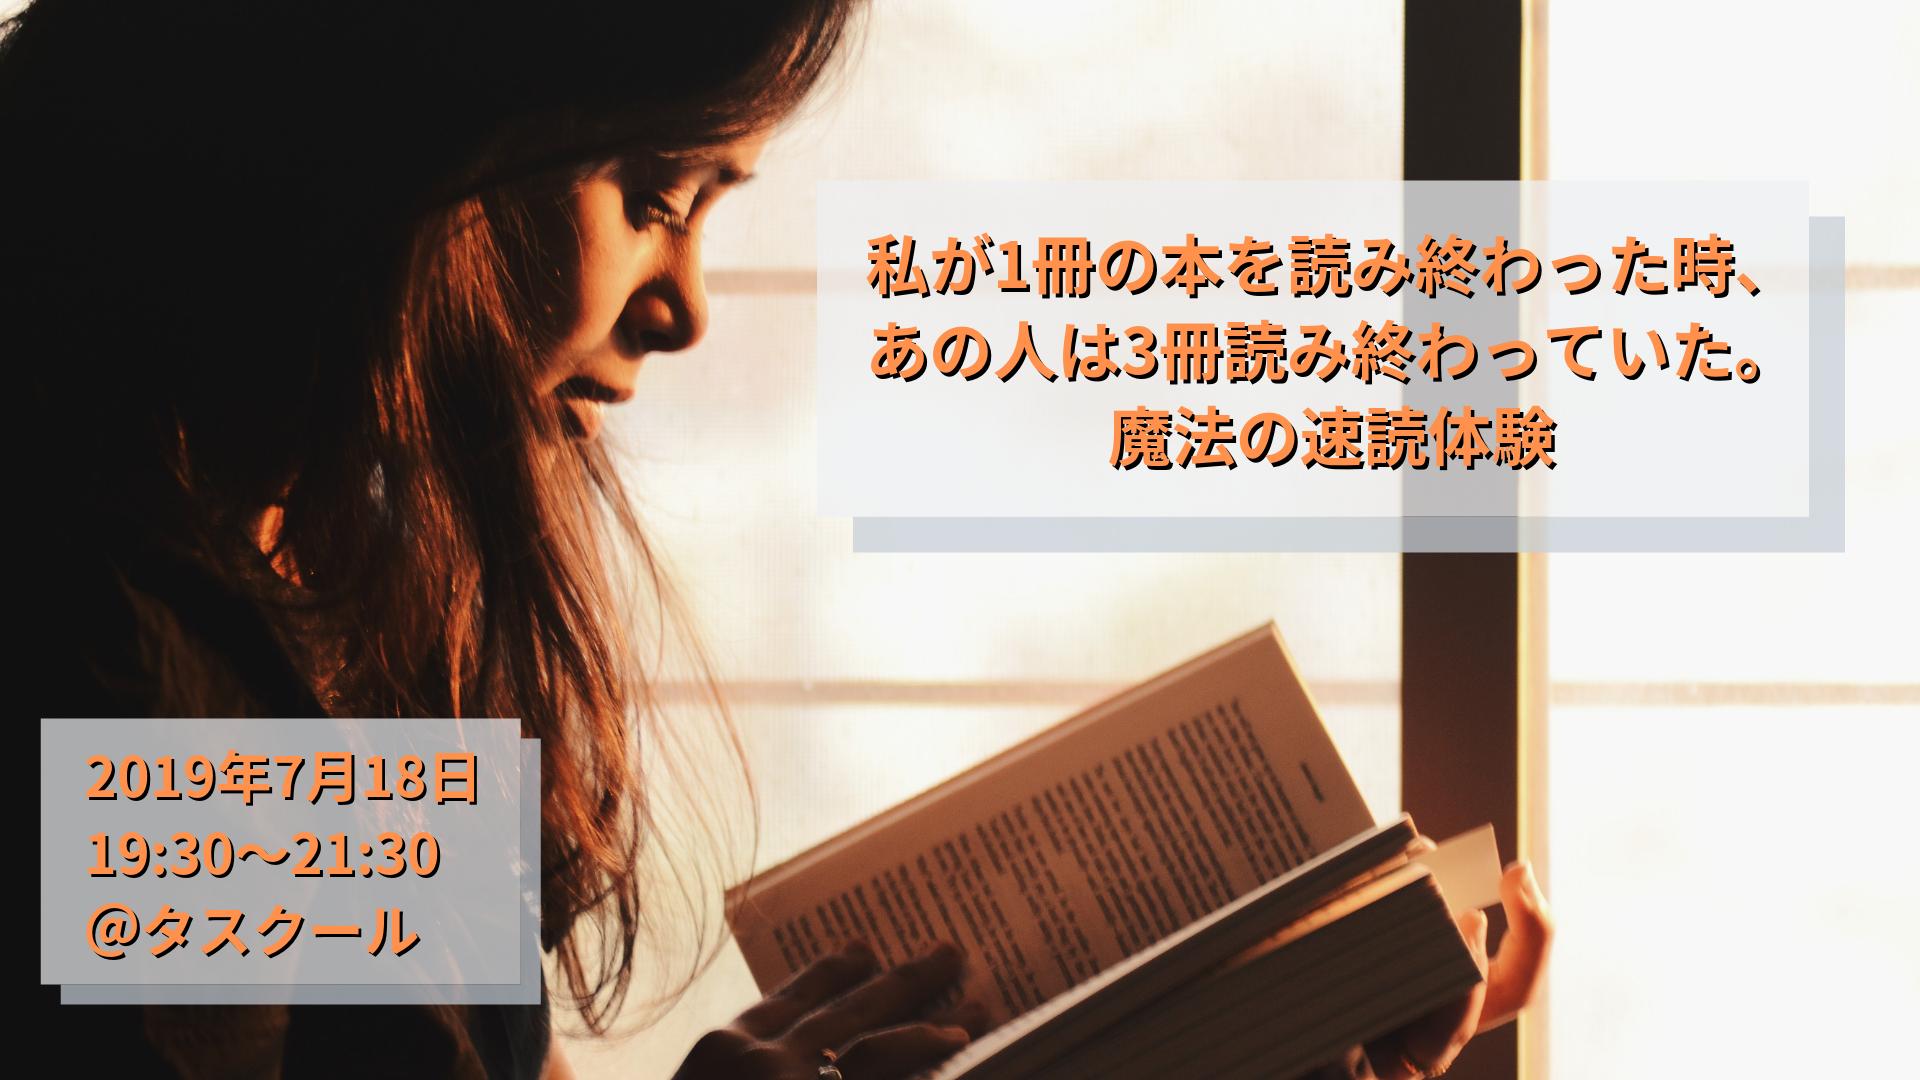 しっかりと本を味わいながら読むのに、速く読める。 それどころか、今よりも深く理解・共感しながら速く読めるようになります。